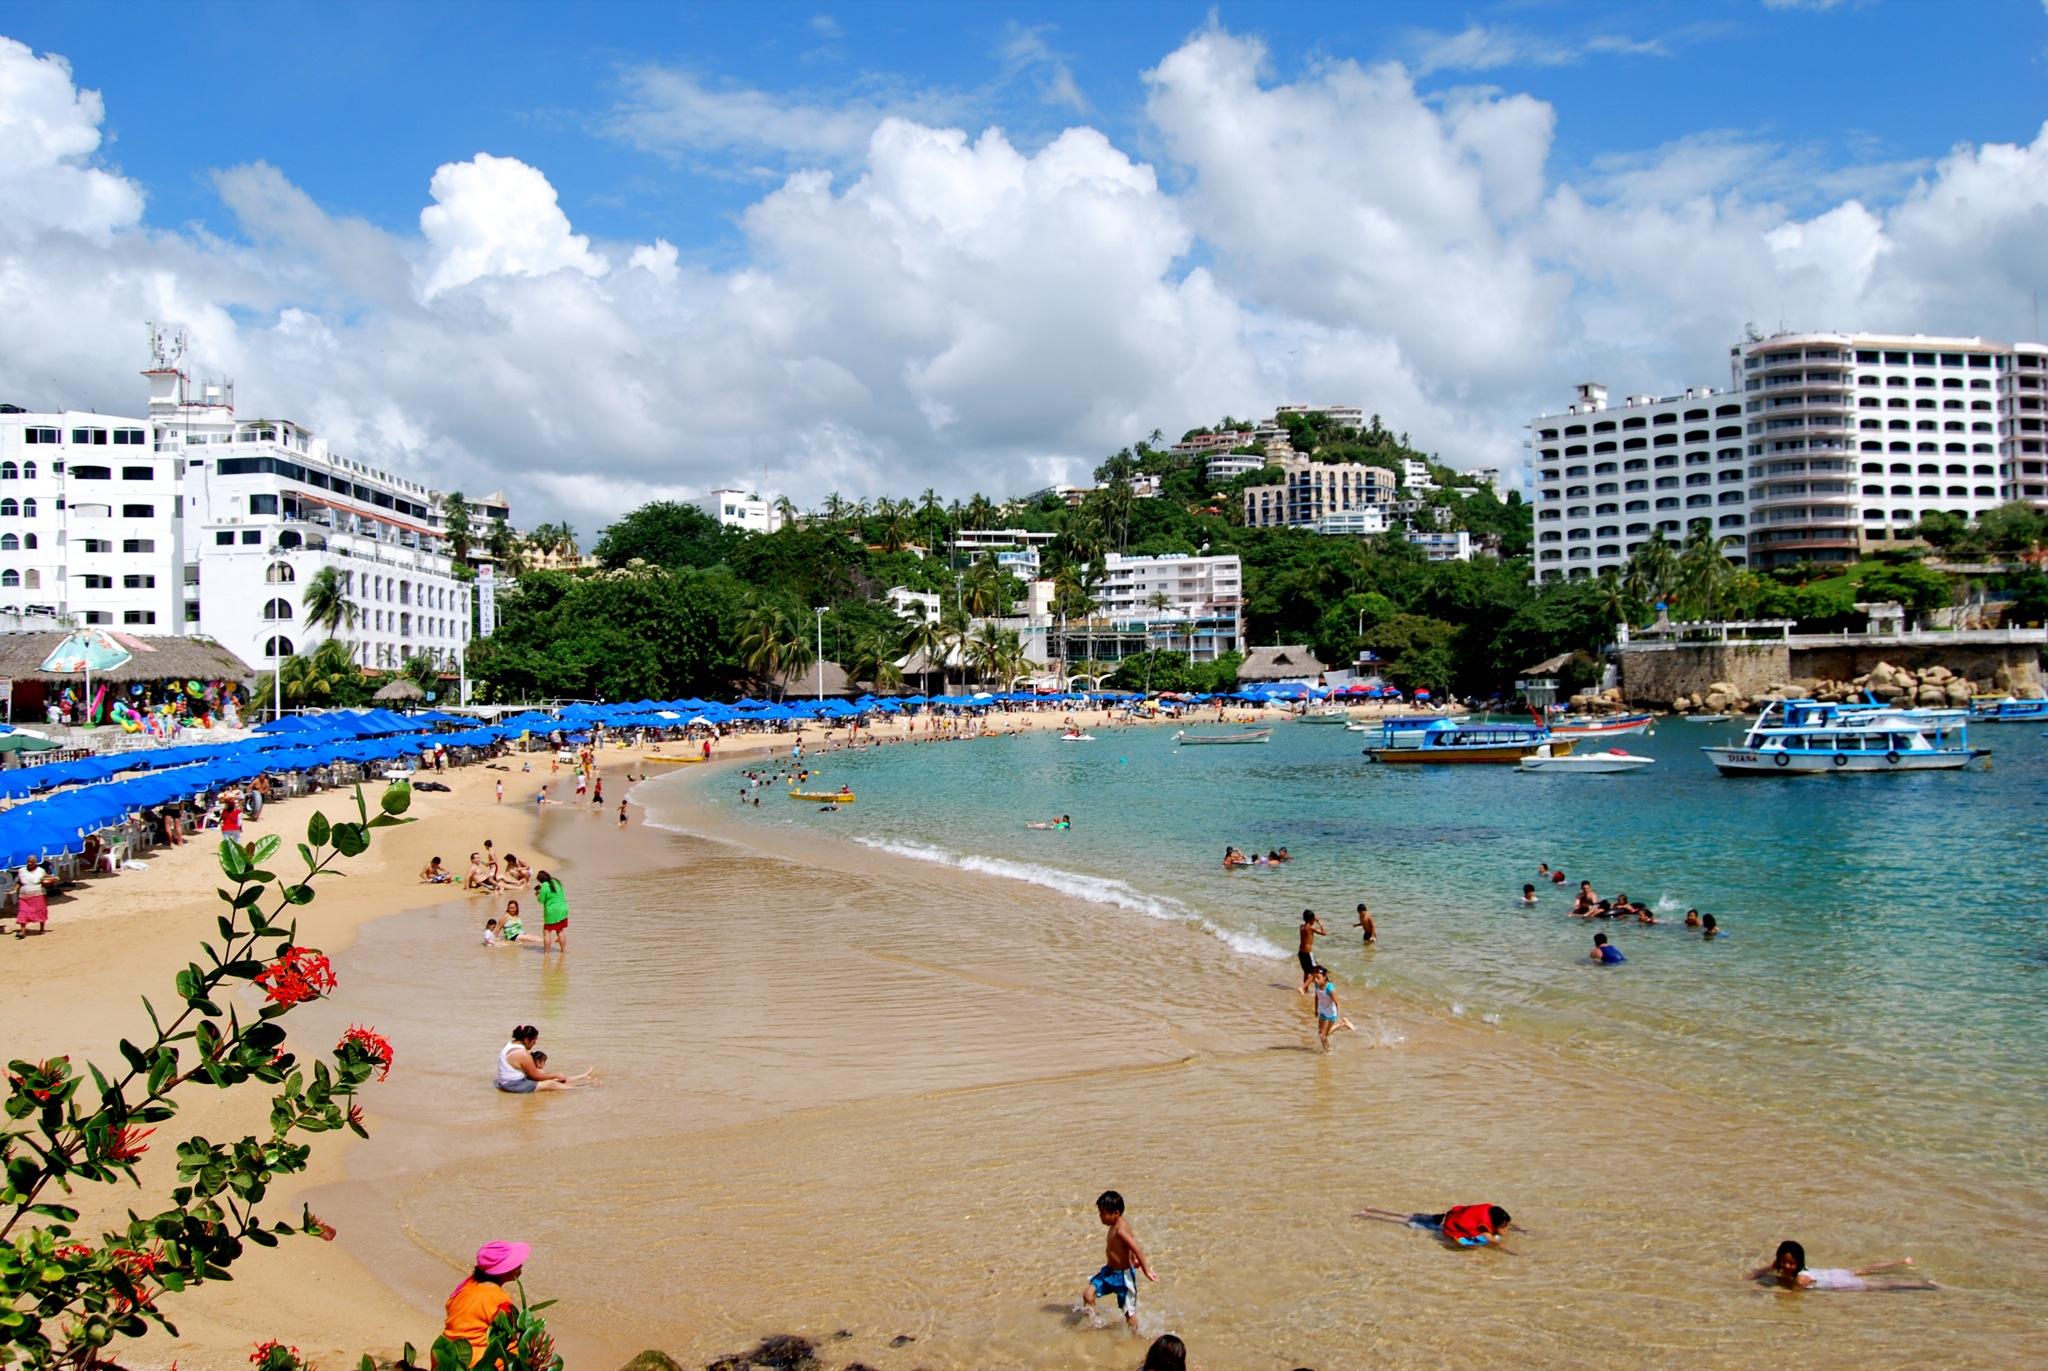 Qué ver y hacer en Acapulco: Imprescindibles 2